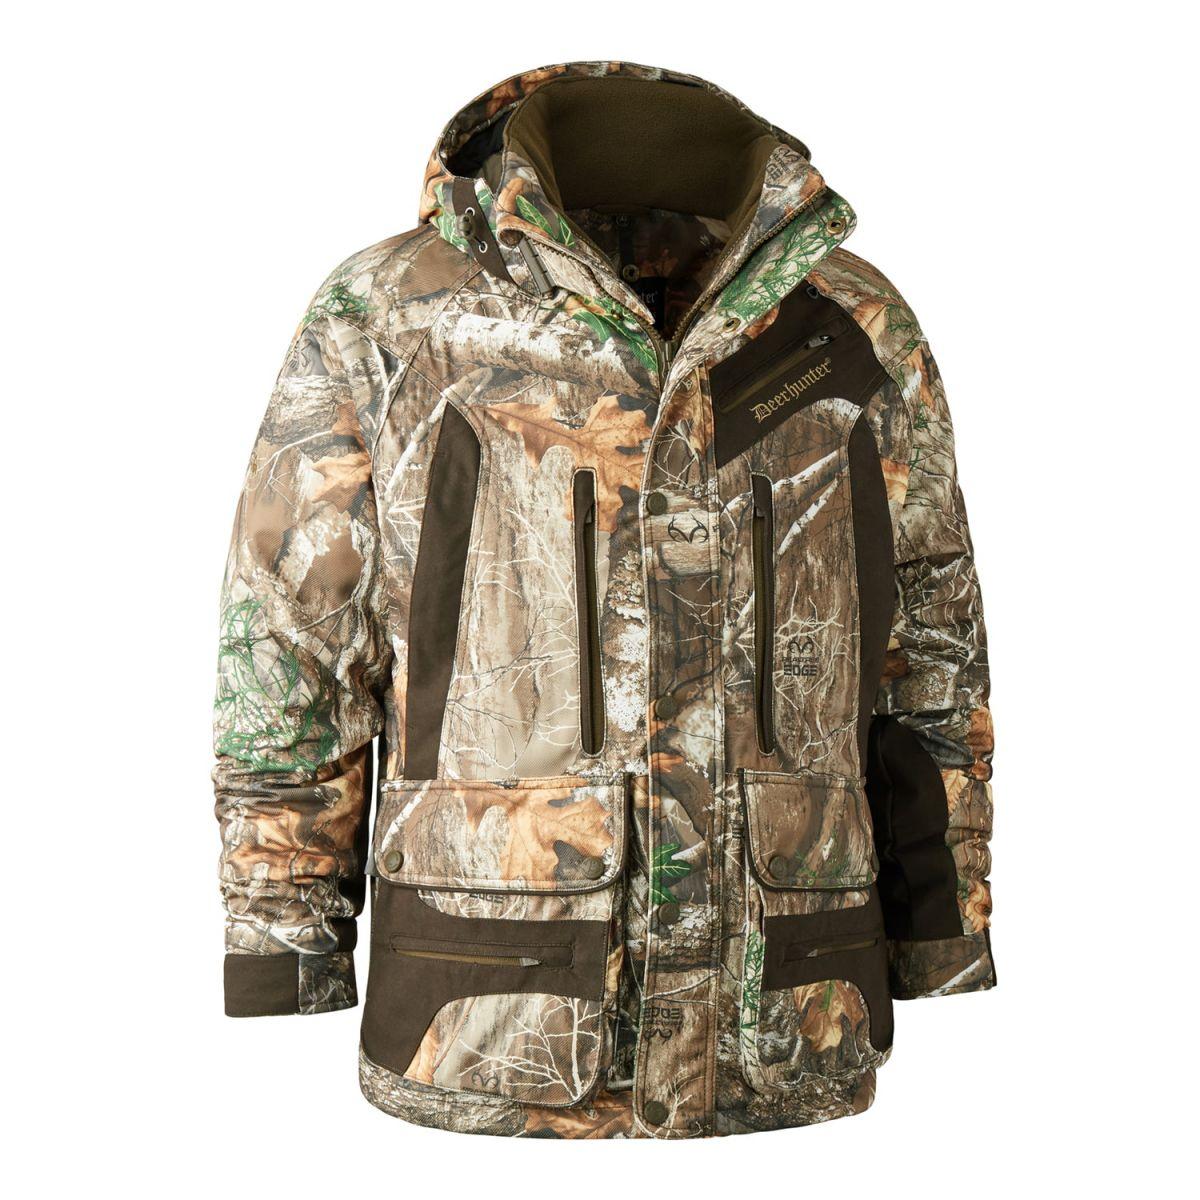 Куртка Deerhunter Muflon Camo Edge лес